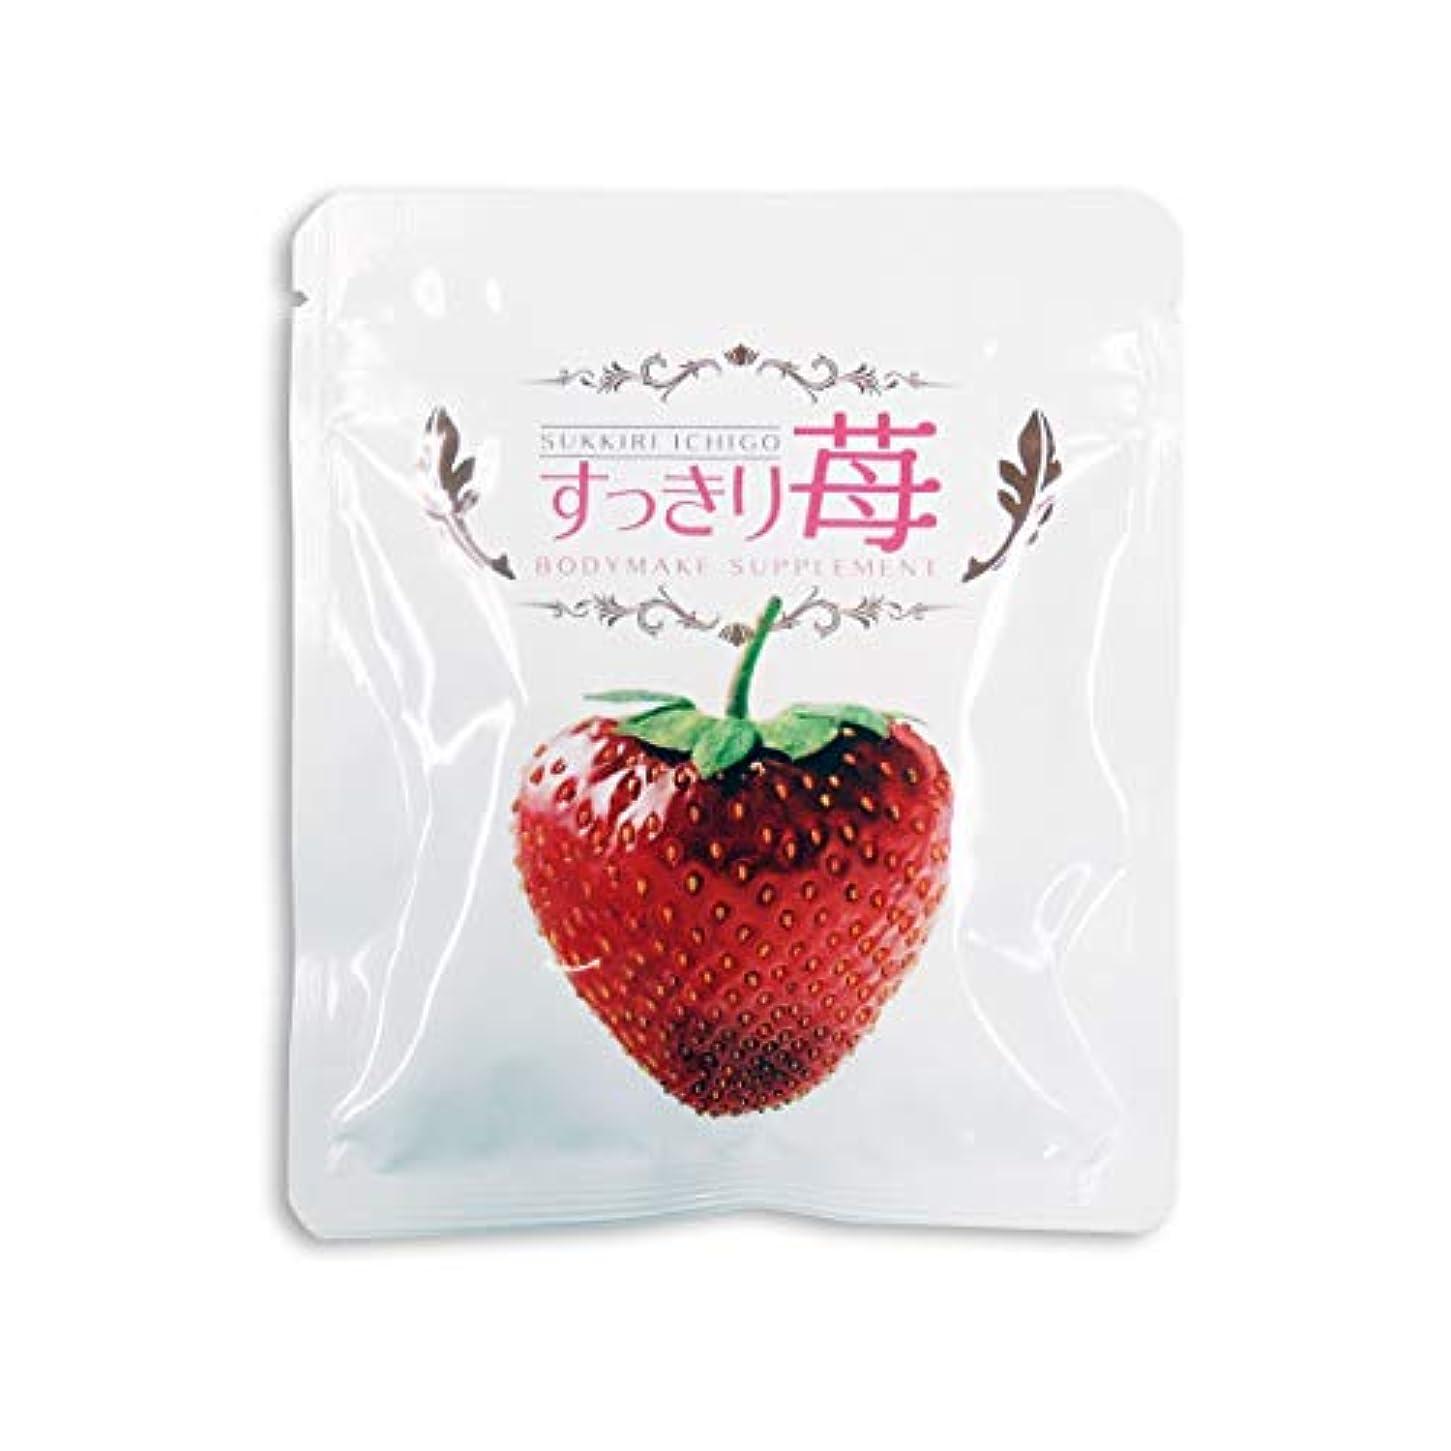 メタリック無条件終点すっきり苺 ダイエタリーサプリメント